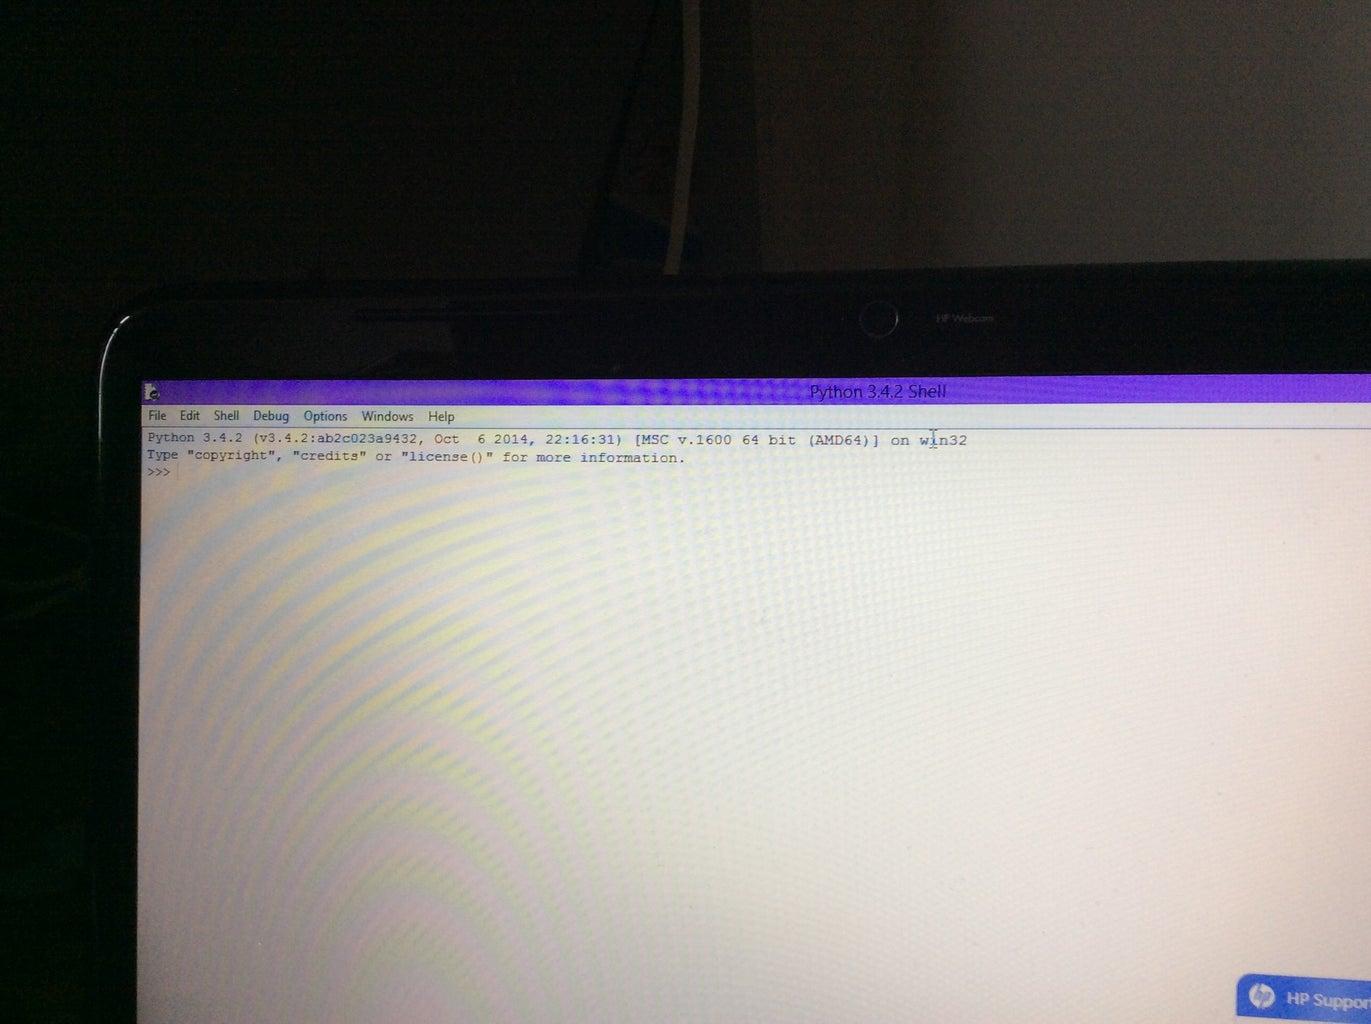 Opening Python 3.4.2